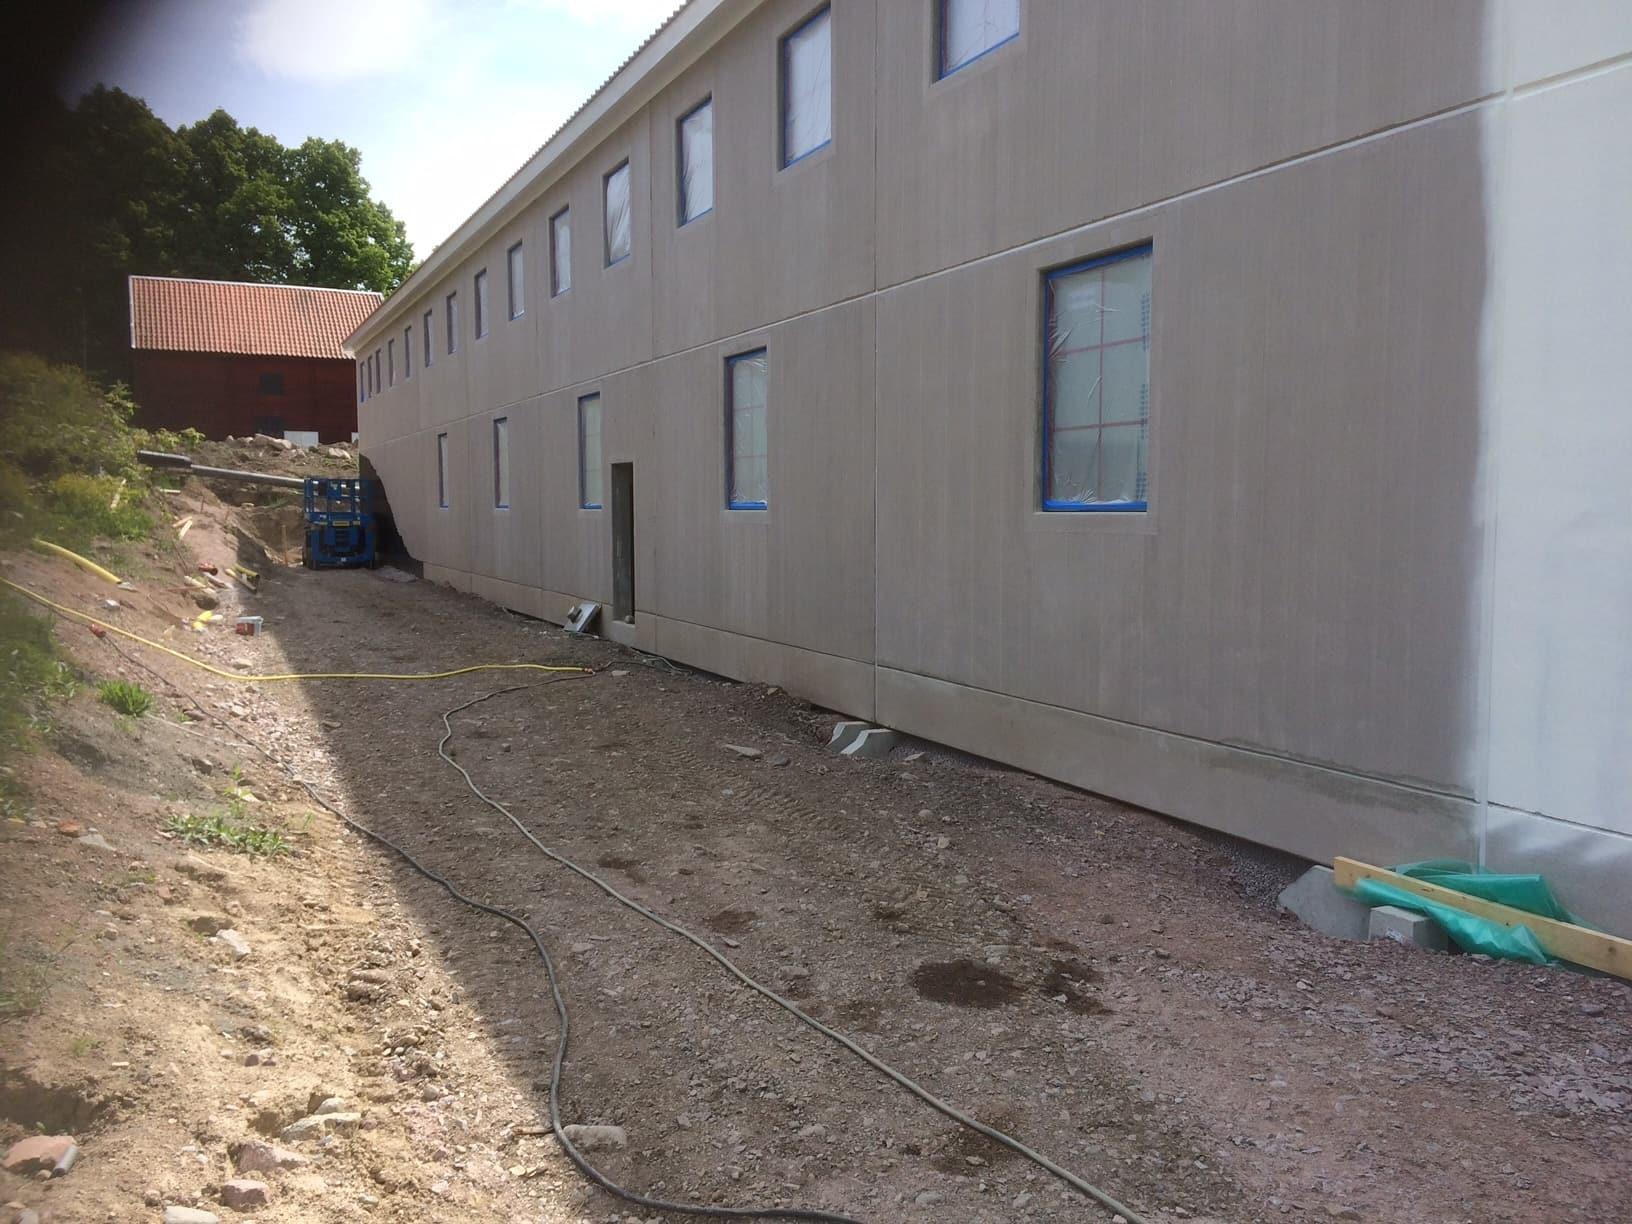 Allblästring Jälla gård målning betong betongytor blästring uppsala 05